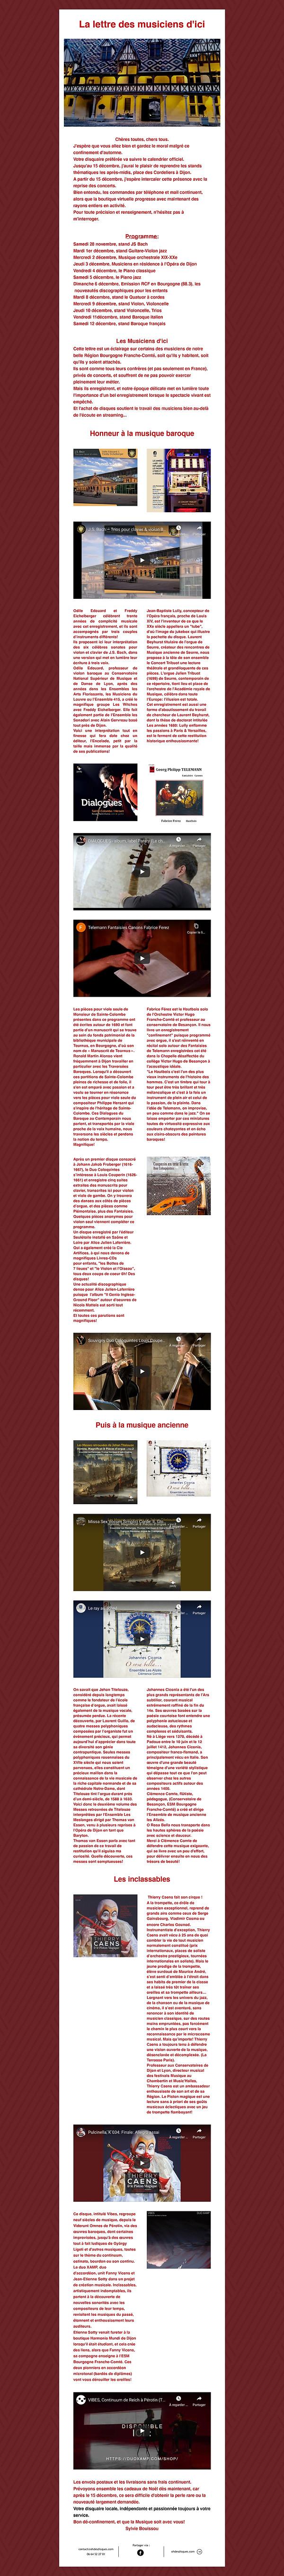 La lettre des musiciens d'ici_page-0001.